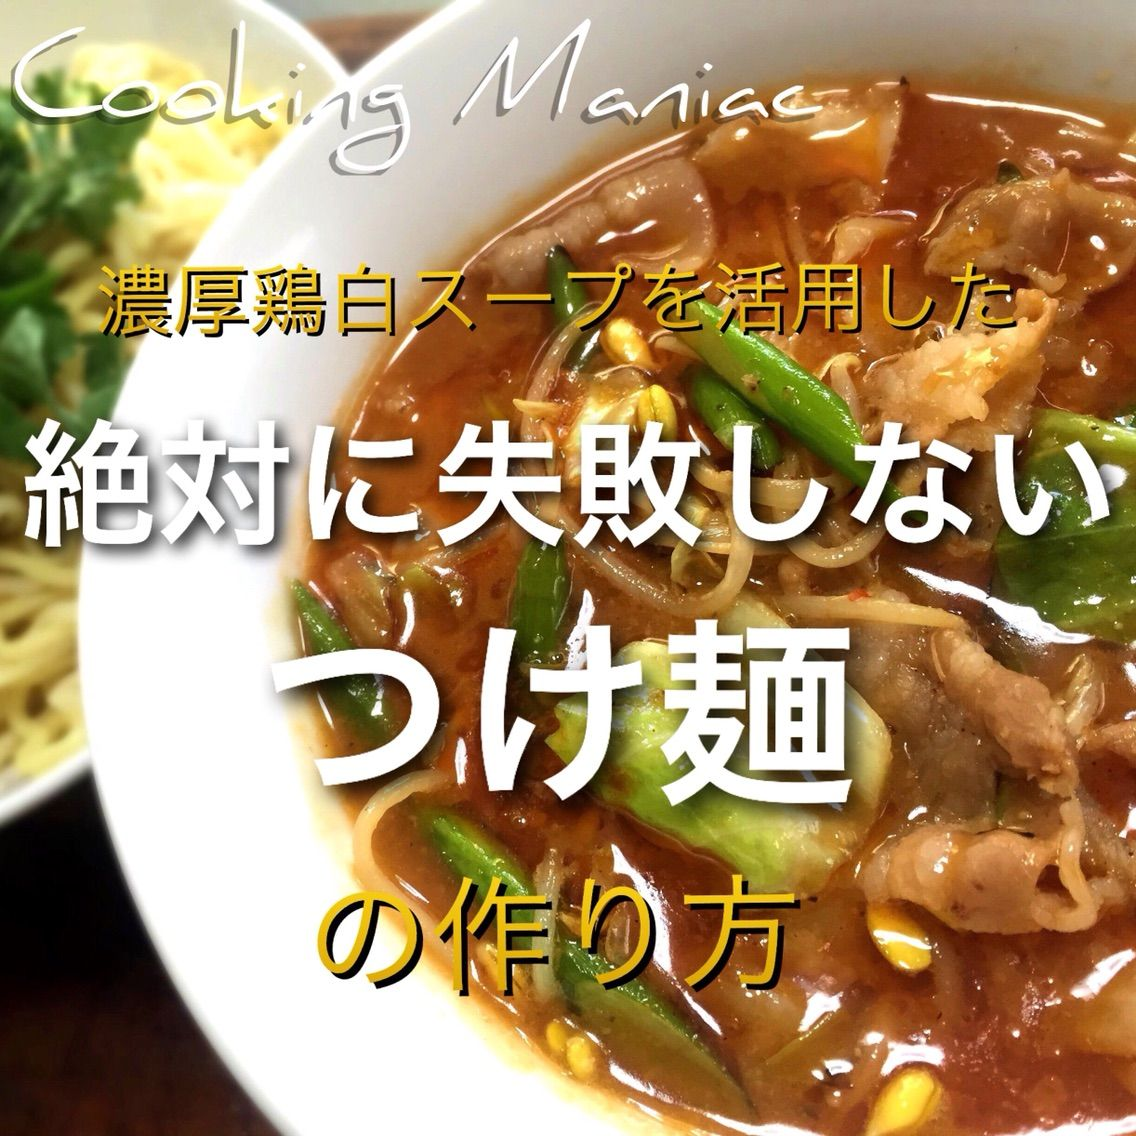 つけ麺 スープ レシピ